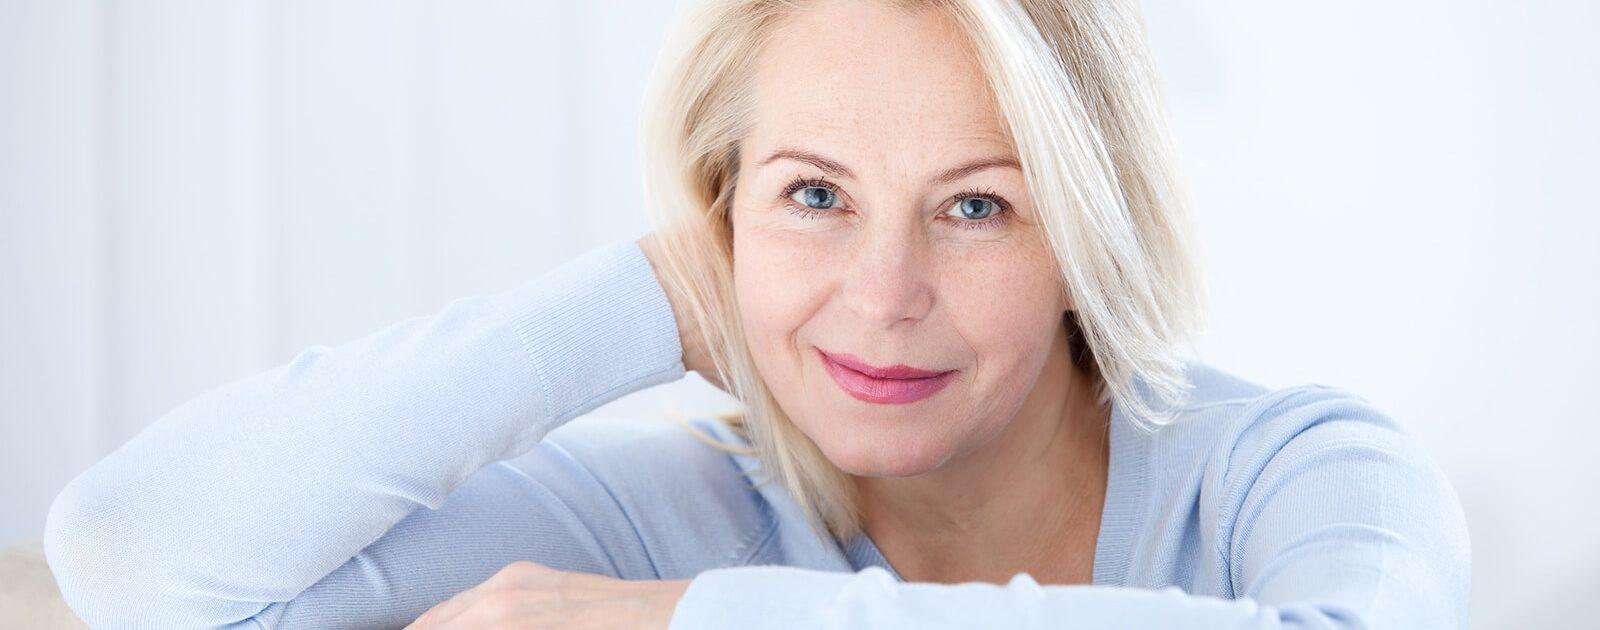 Eine Frau in den Wechseljahren macht sich Gedanken, ob sie genügend Vitamin B12 zu sich nimmt.